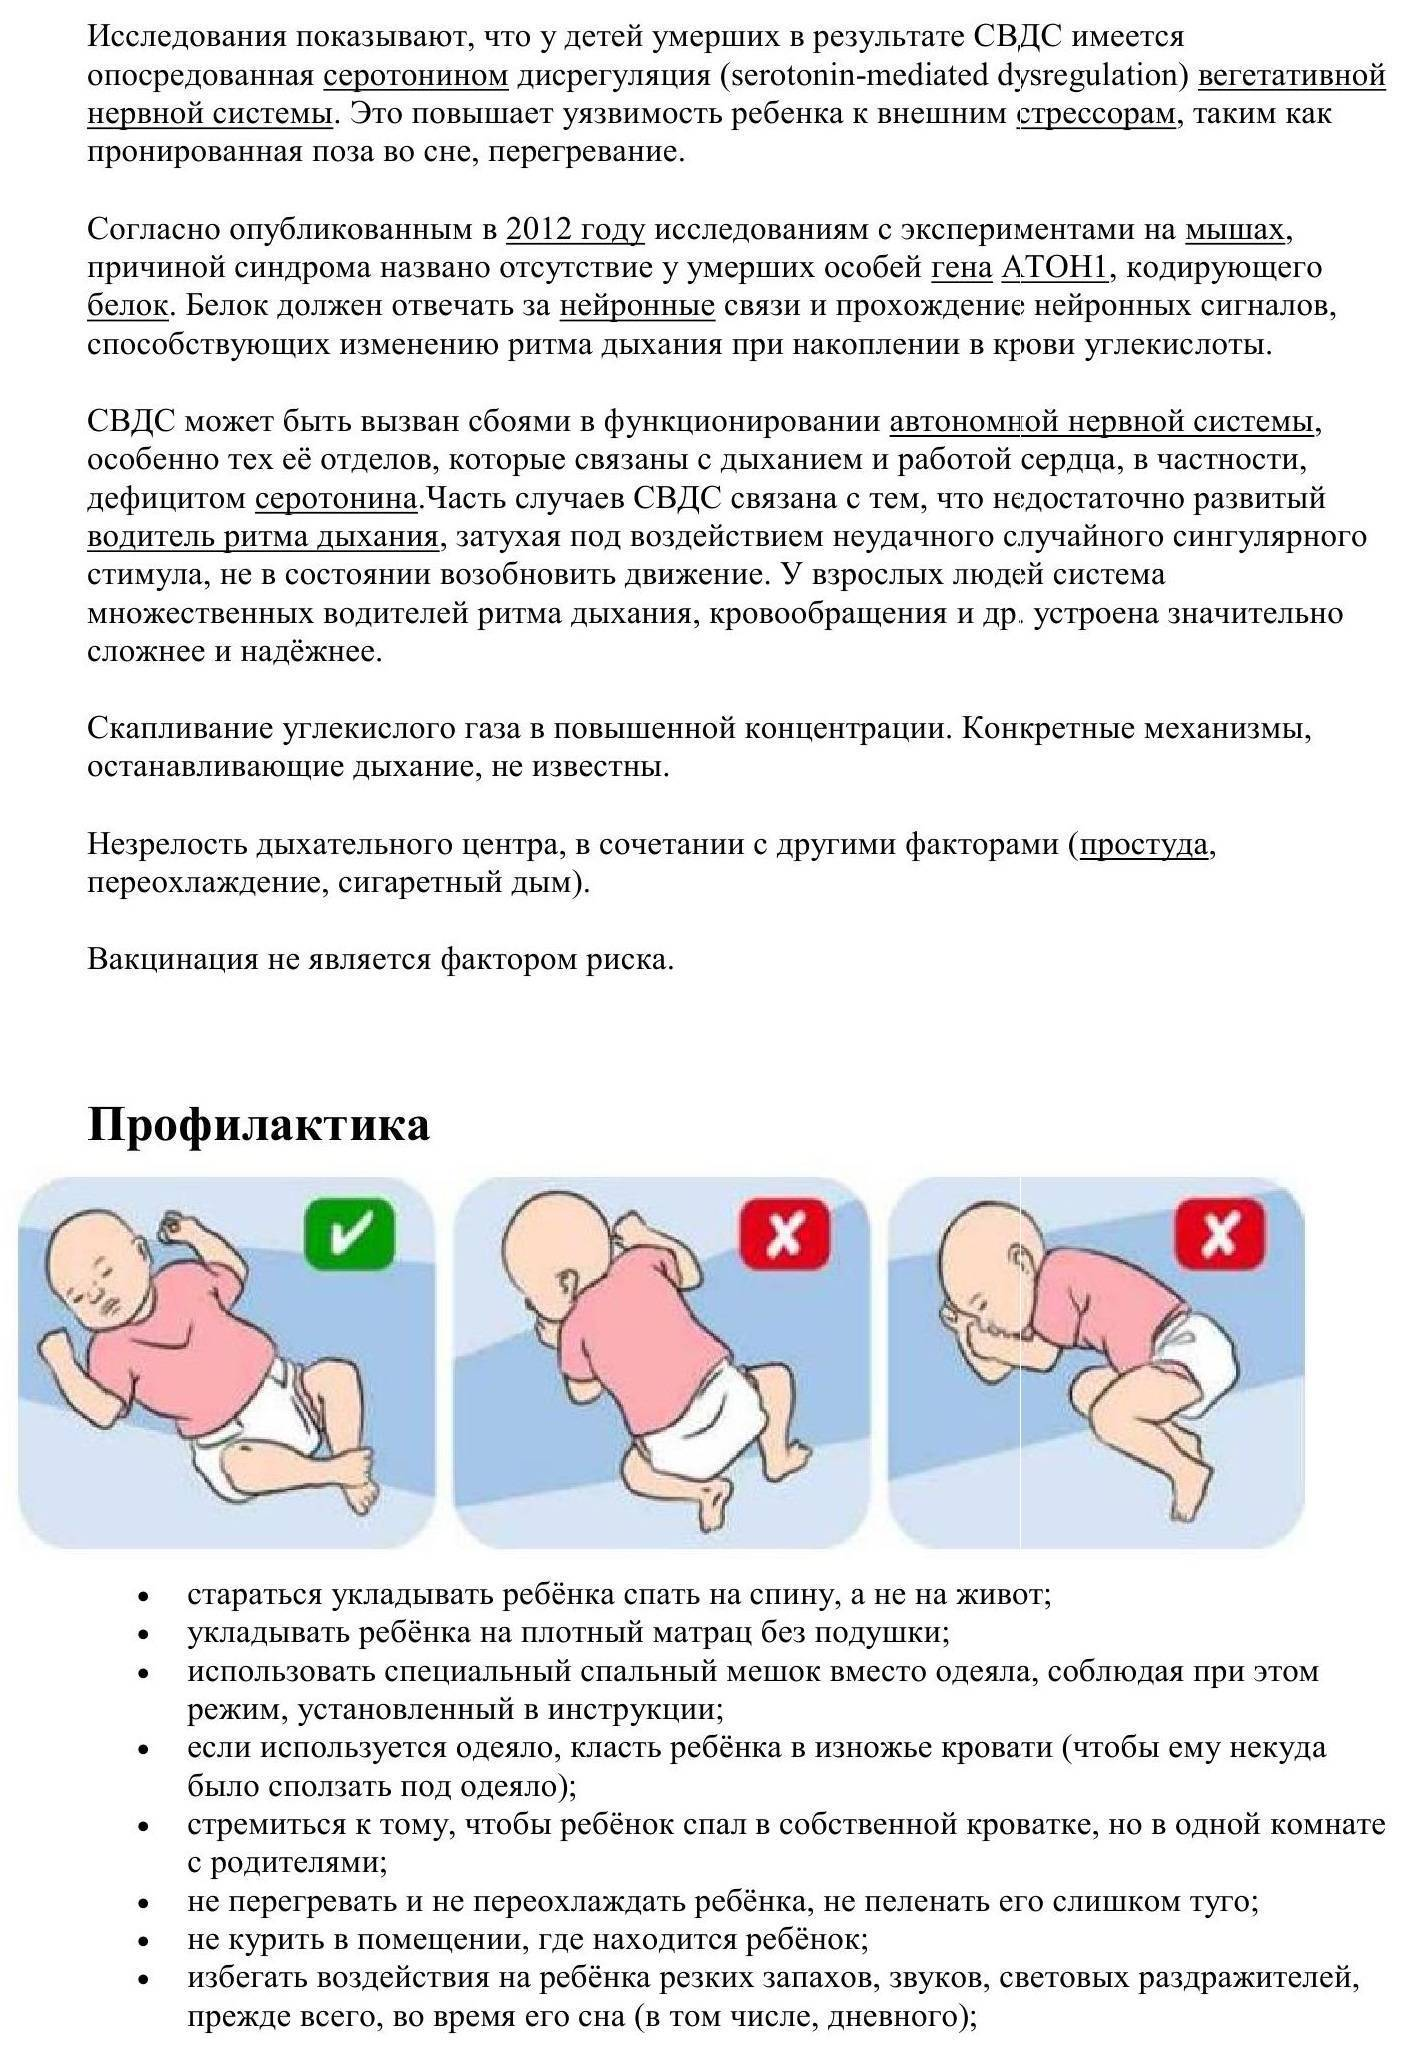 Все о синдроме внезапной детской смерти